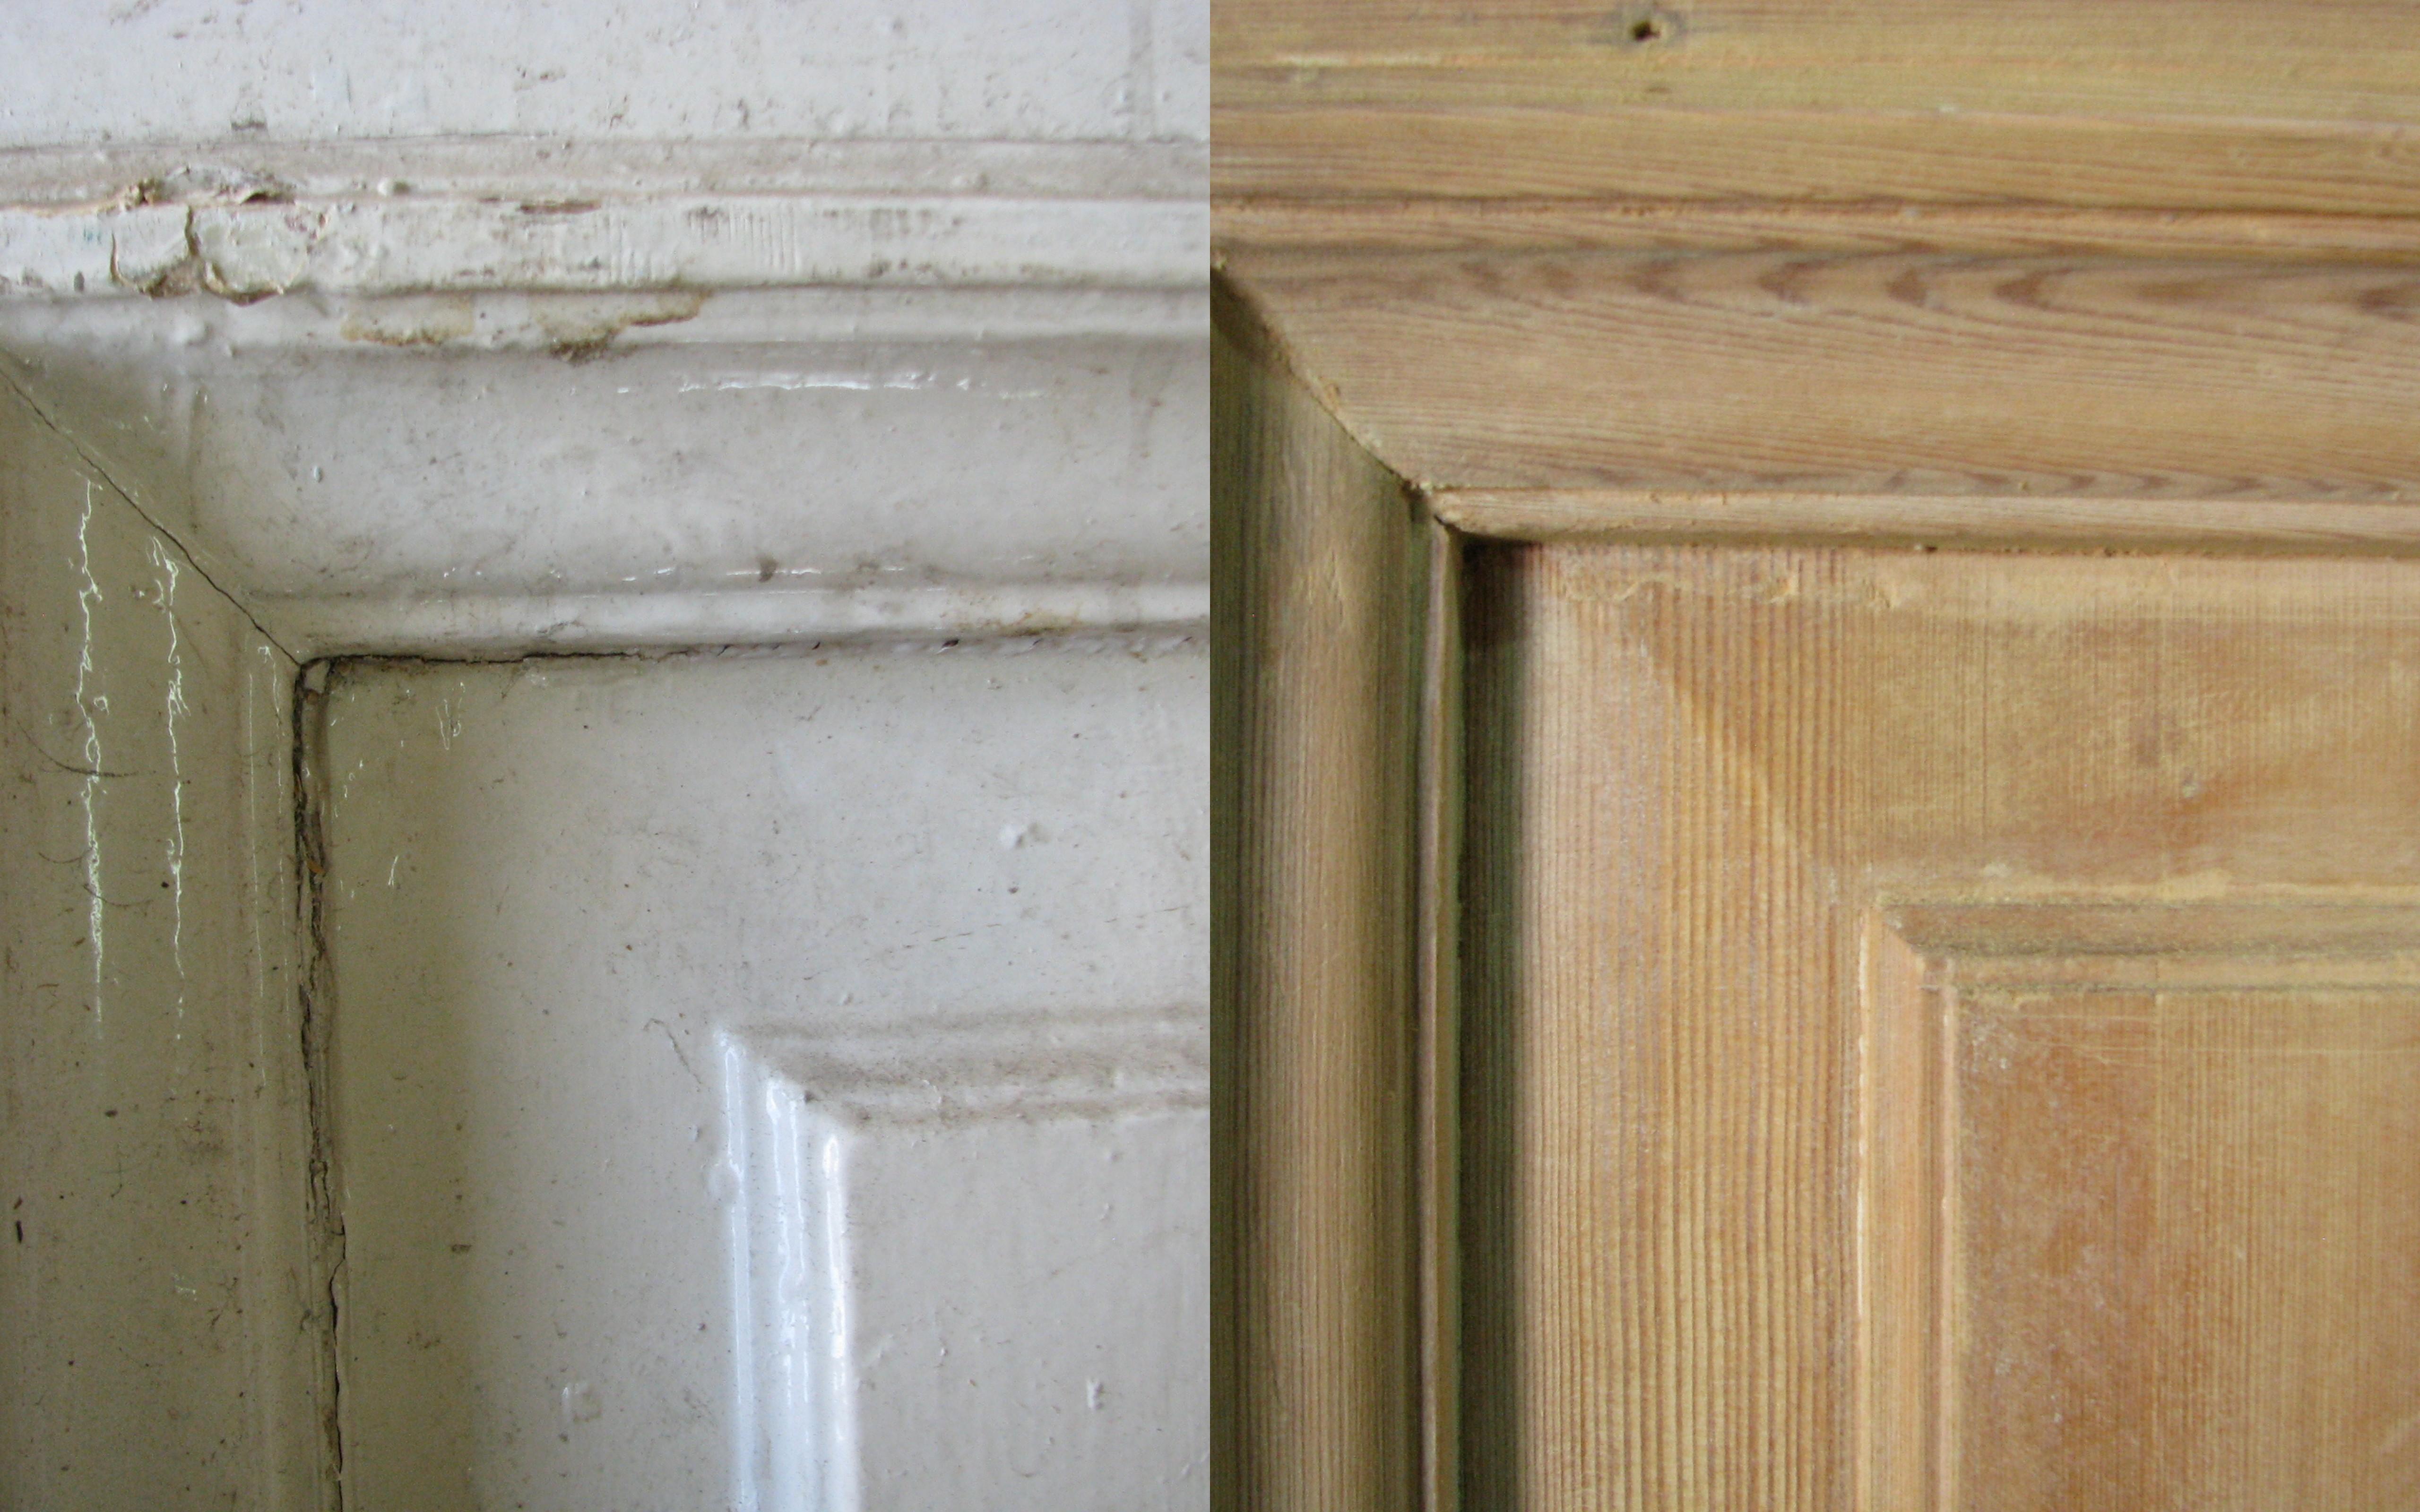 שיפוץ דלת עתיקה - לפני ואחרי